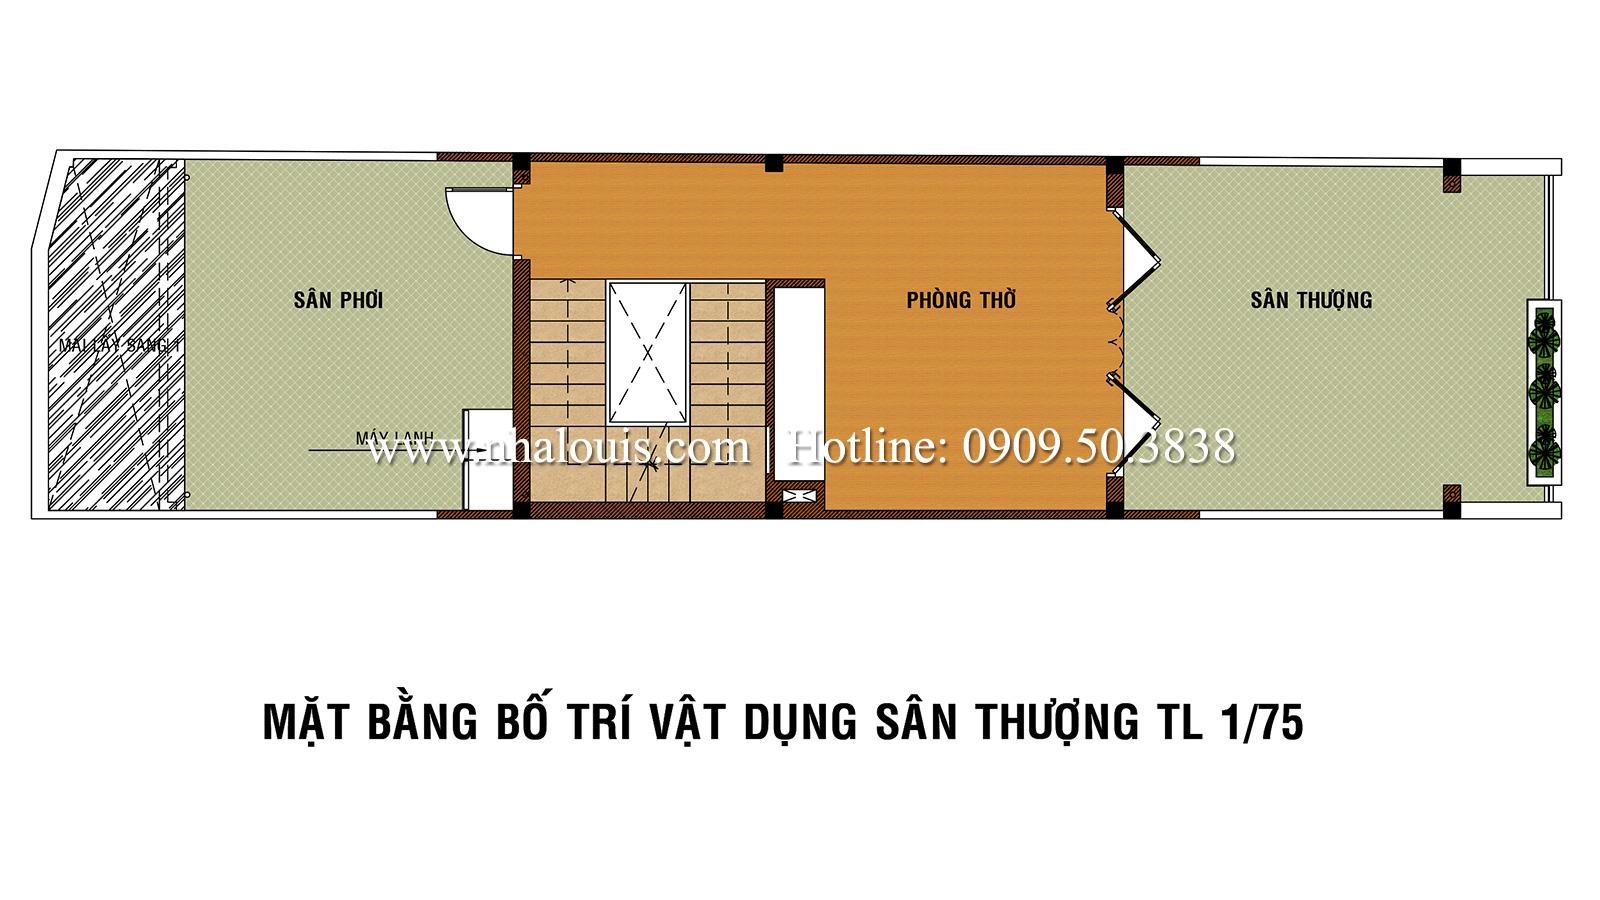 Mẫu nhà phố 5 tầng ở Tân Phú với phong cách hiện đại tinh tế - 05